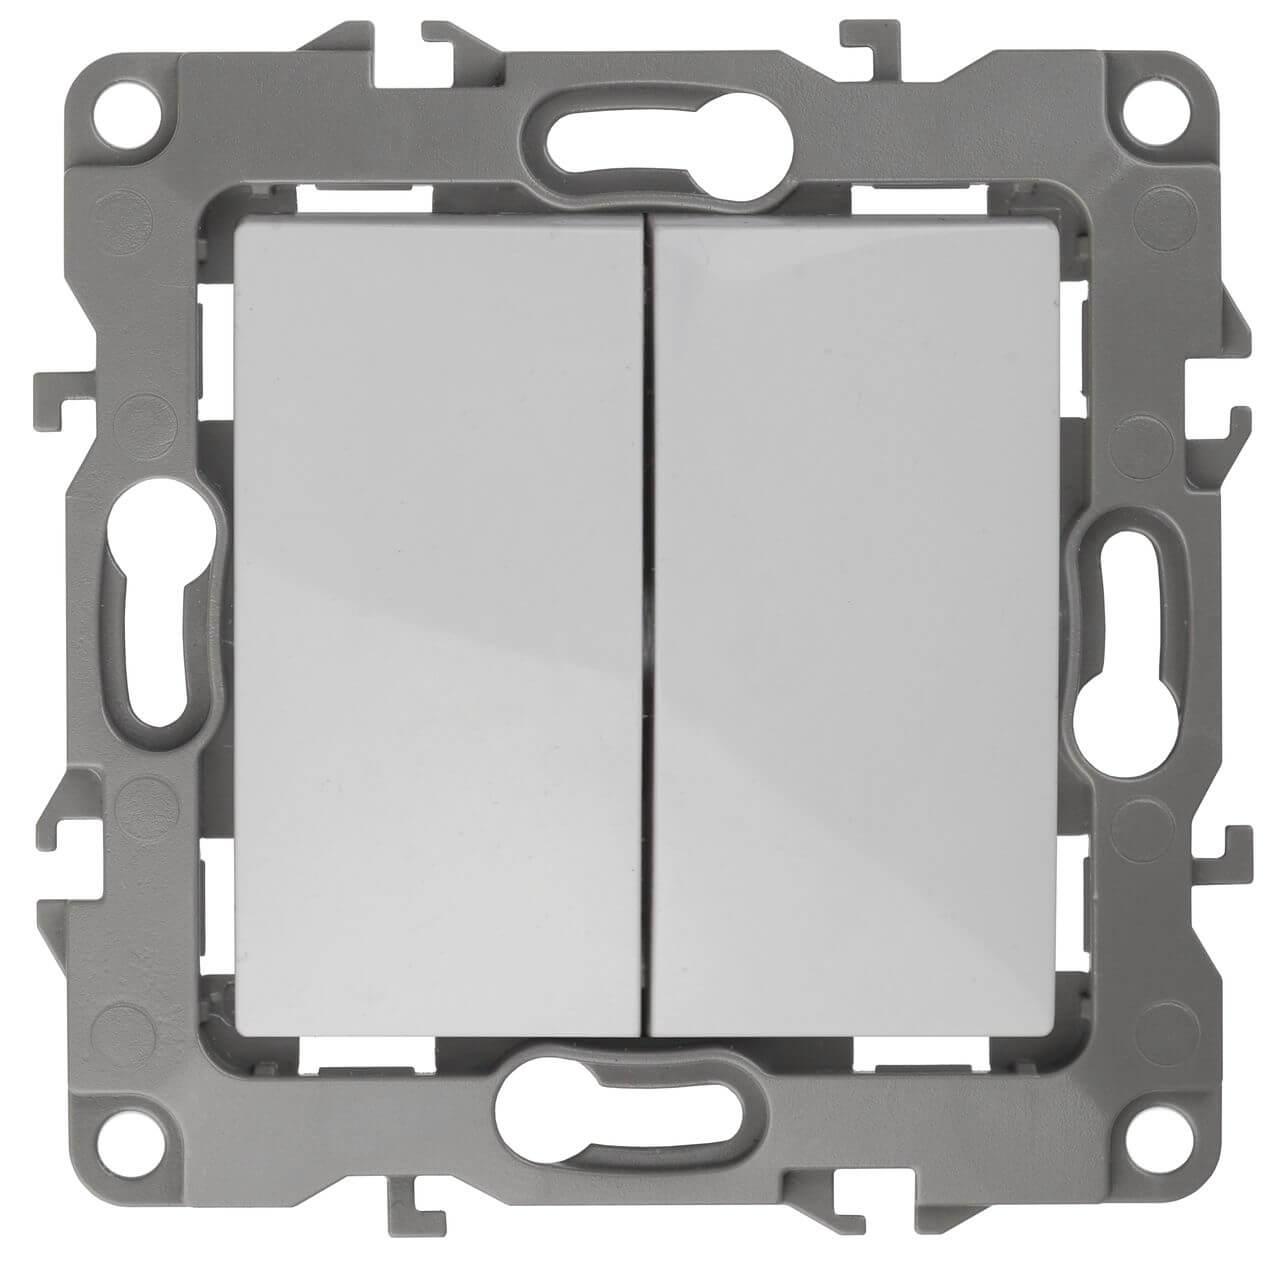 Выключатель двухклавишный ЭРА 12 10AX 250V Al Cu 12А-1004-01 hp 12а black q2612af